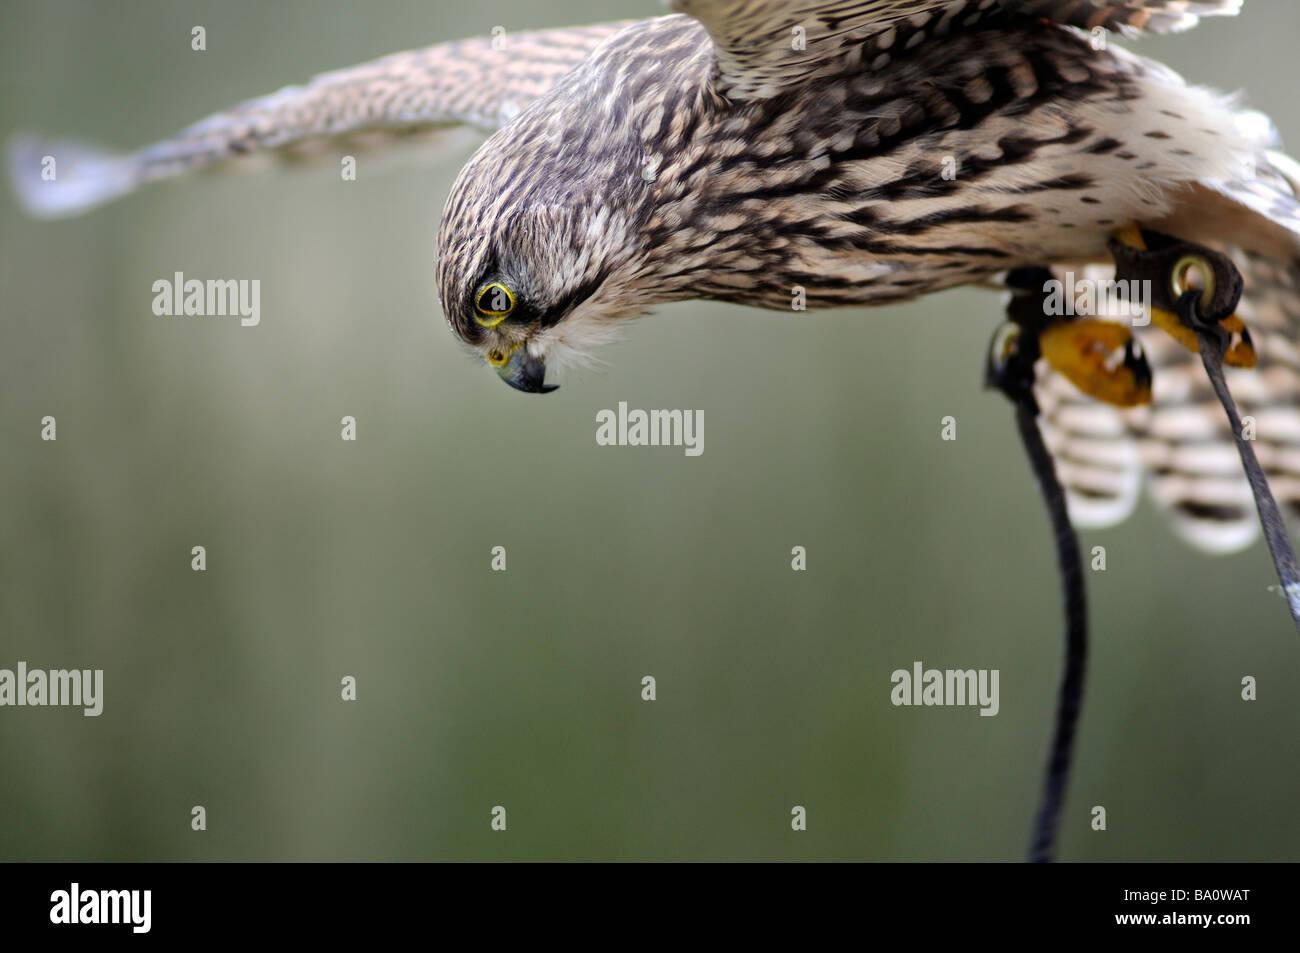 Nahaufnahme von einer Gefangenschaft Turmfalke (Falco Tinnunculus) schweben während der Jagd Stockbild